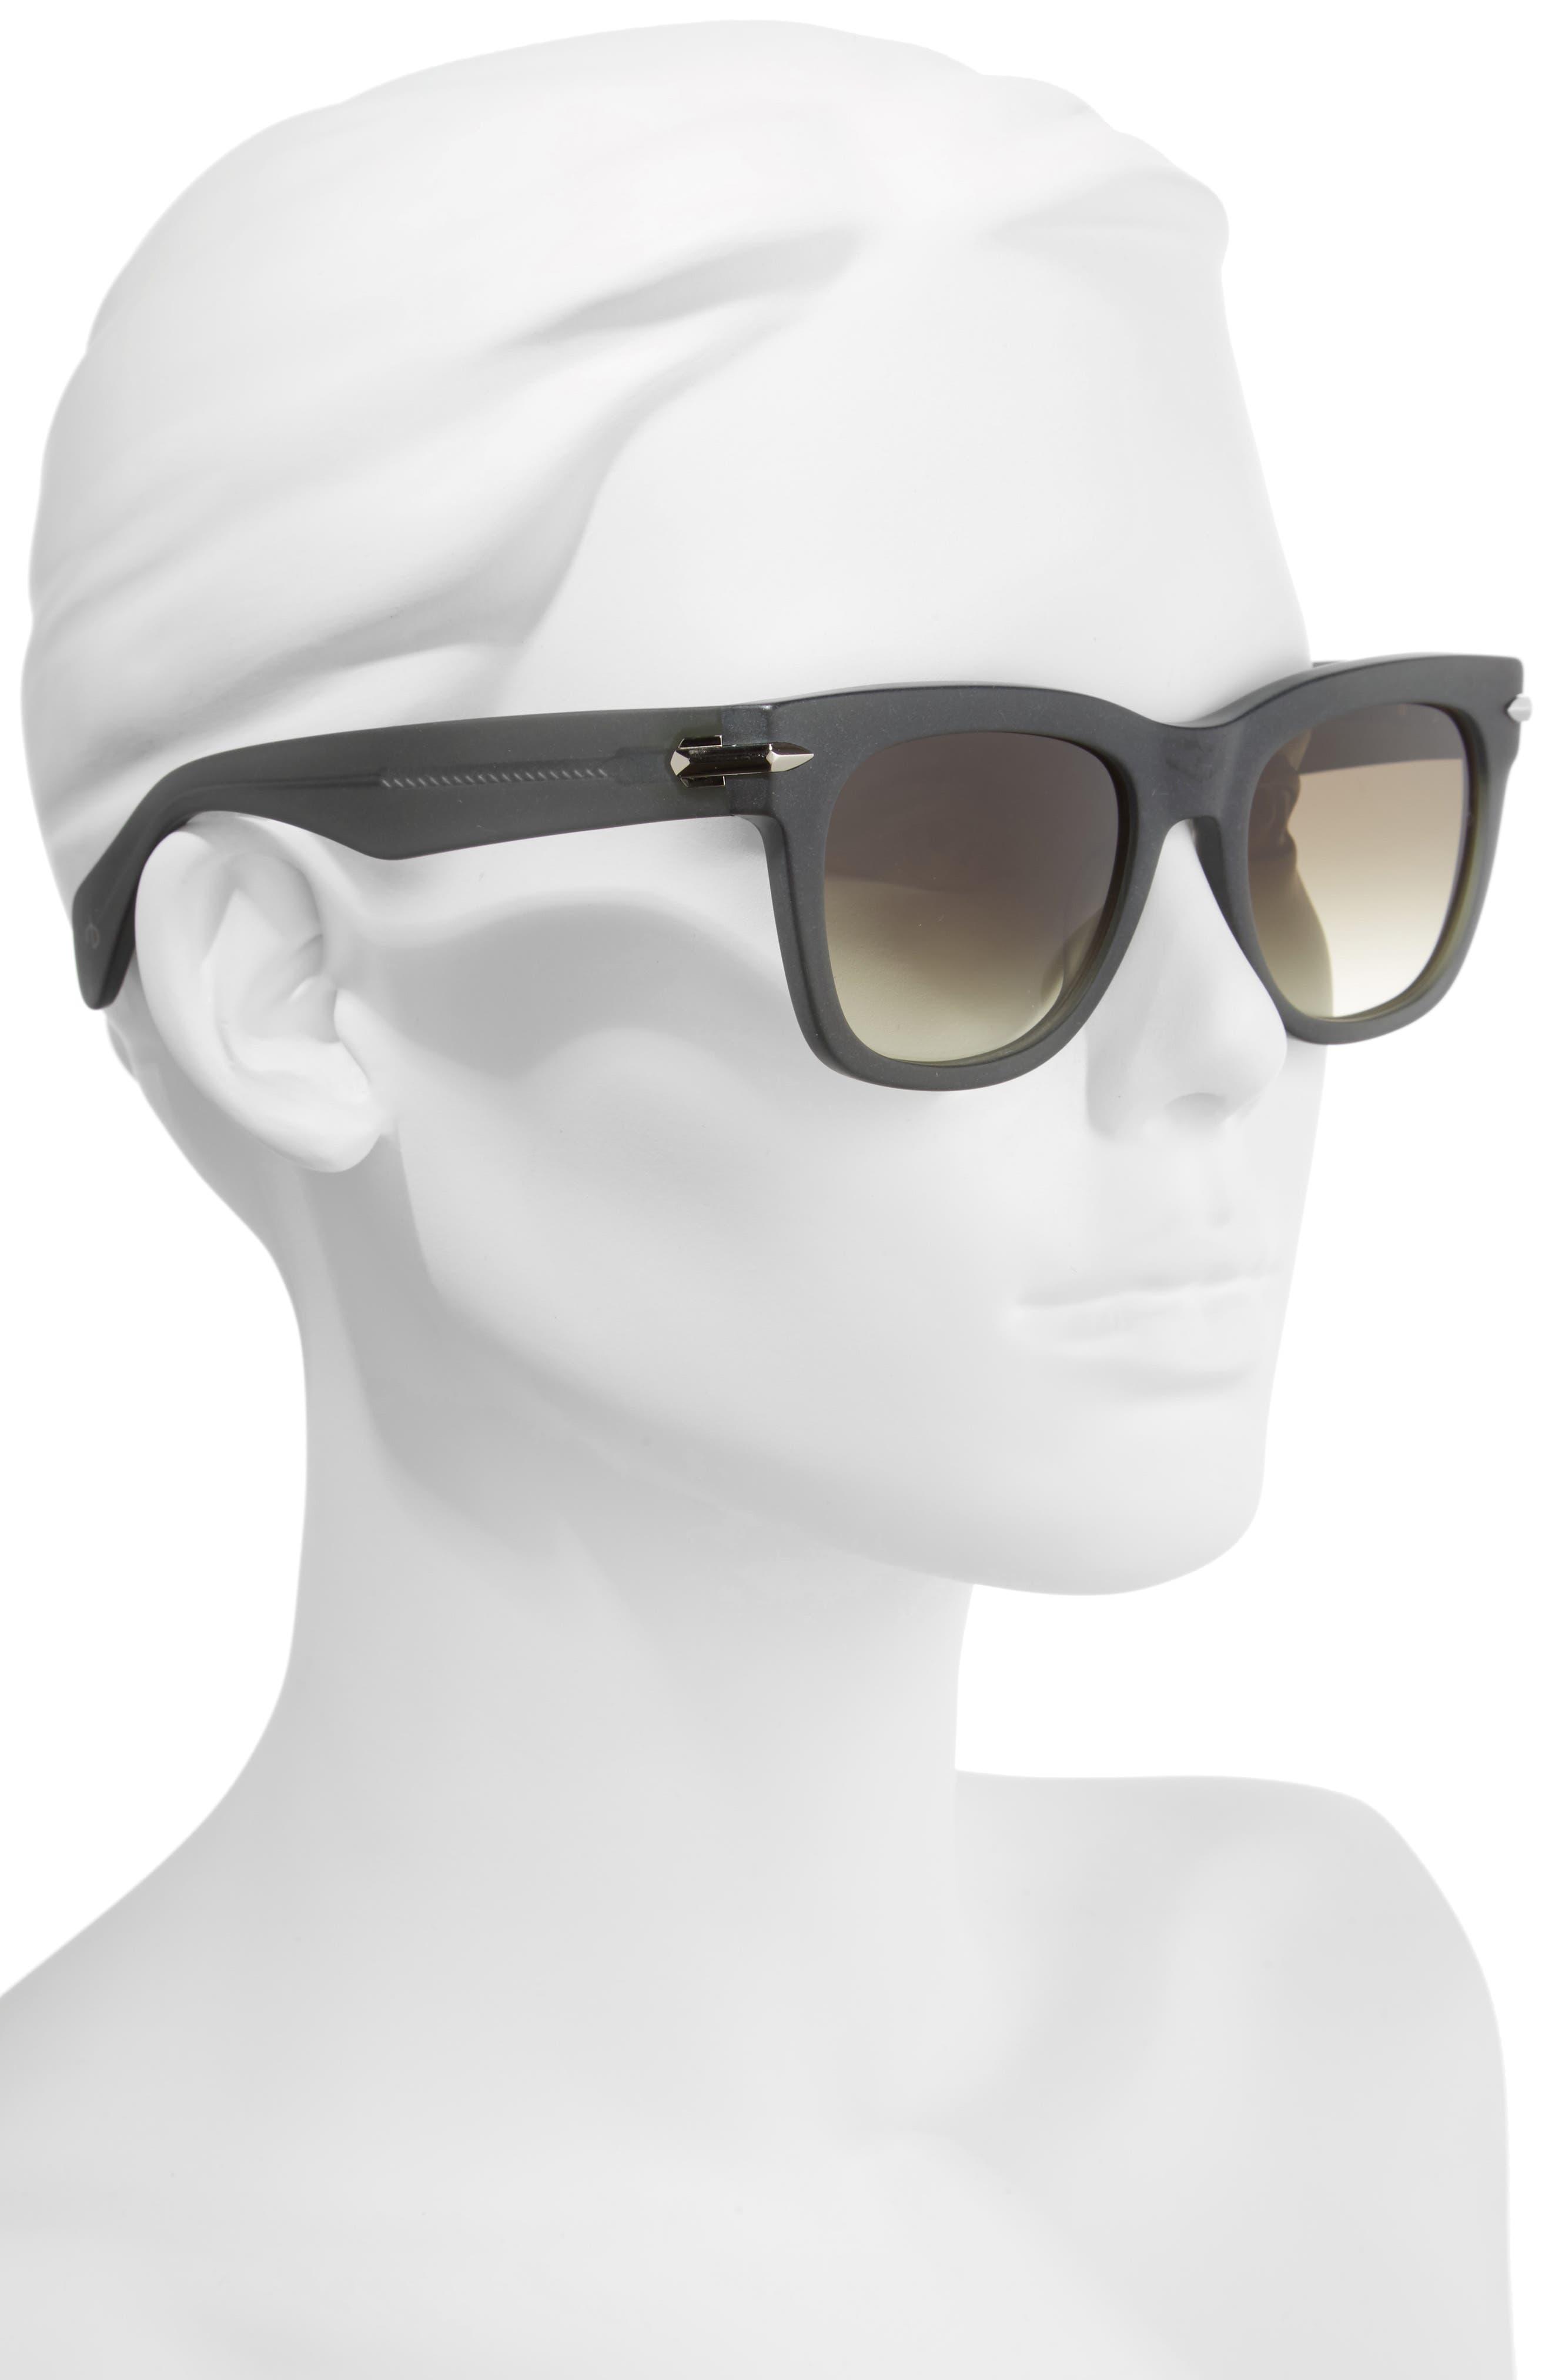 54mm Polarized Sunglasses,                             Alternate thumbnail 2, color,                             KHAKI